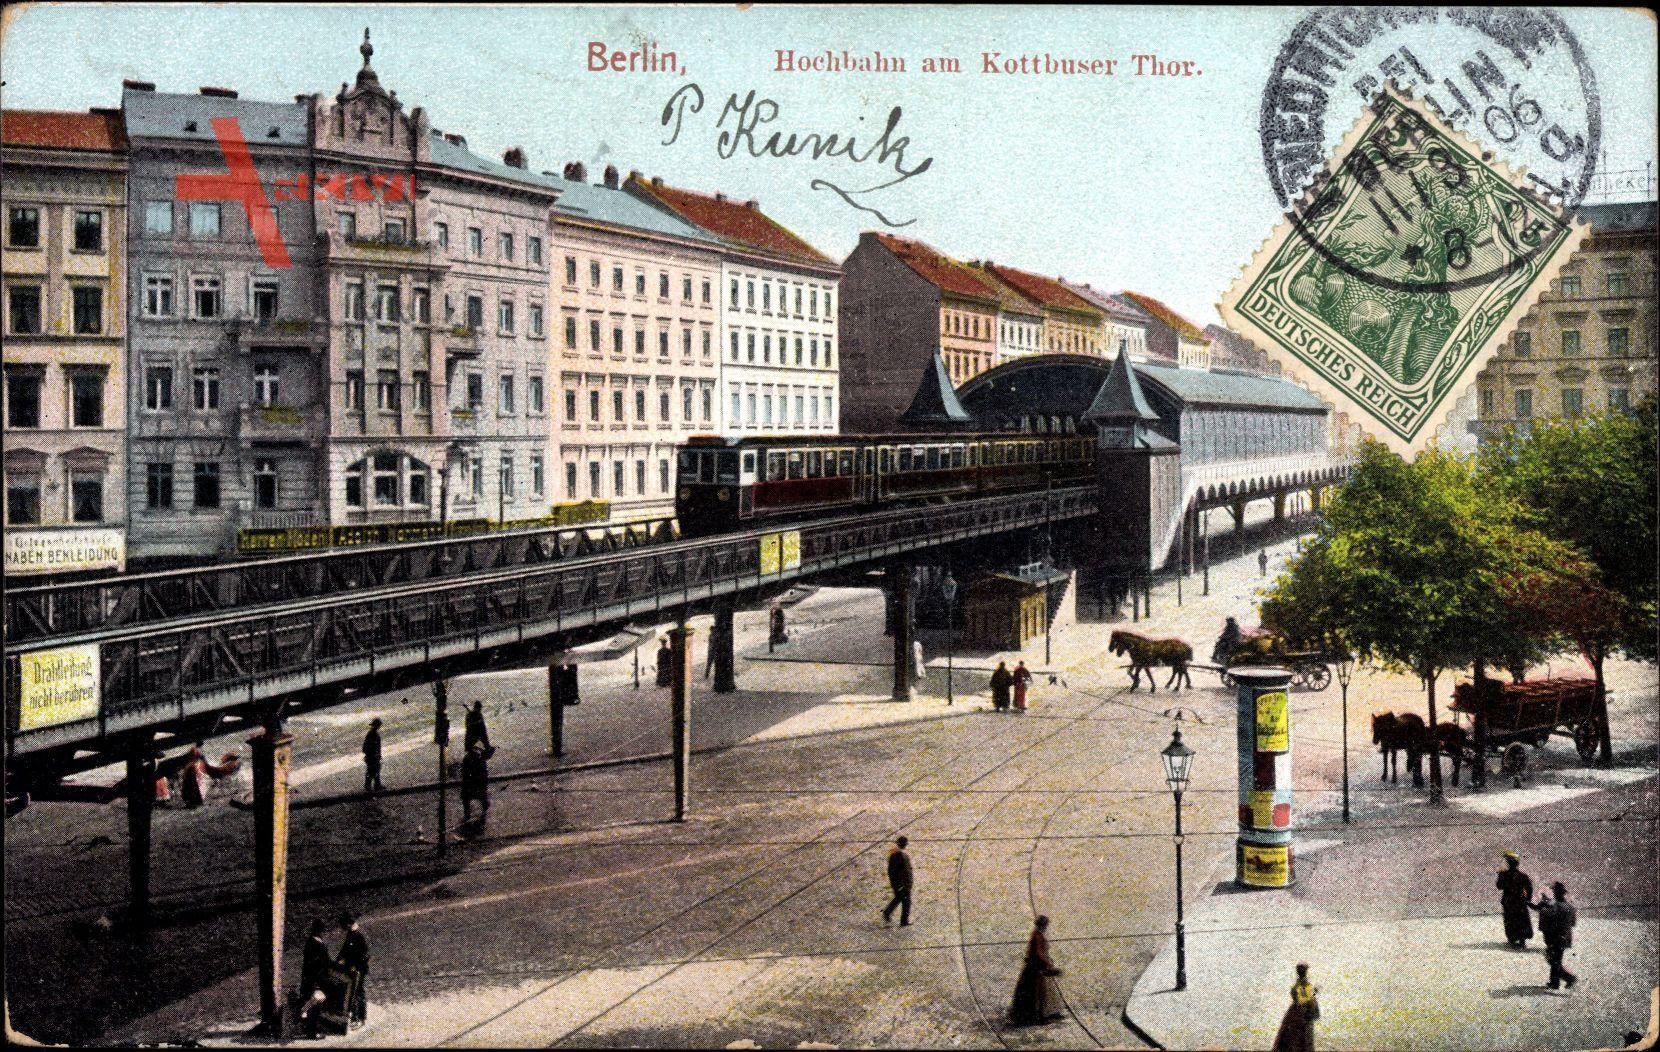 Berlin Kreuzberg, Blick auf Hochbahn am Kottbusser Tor